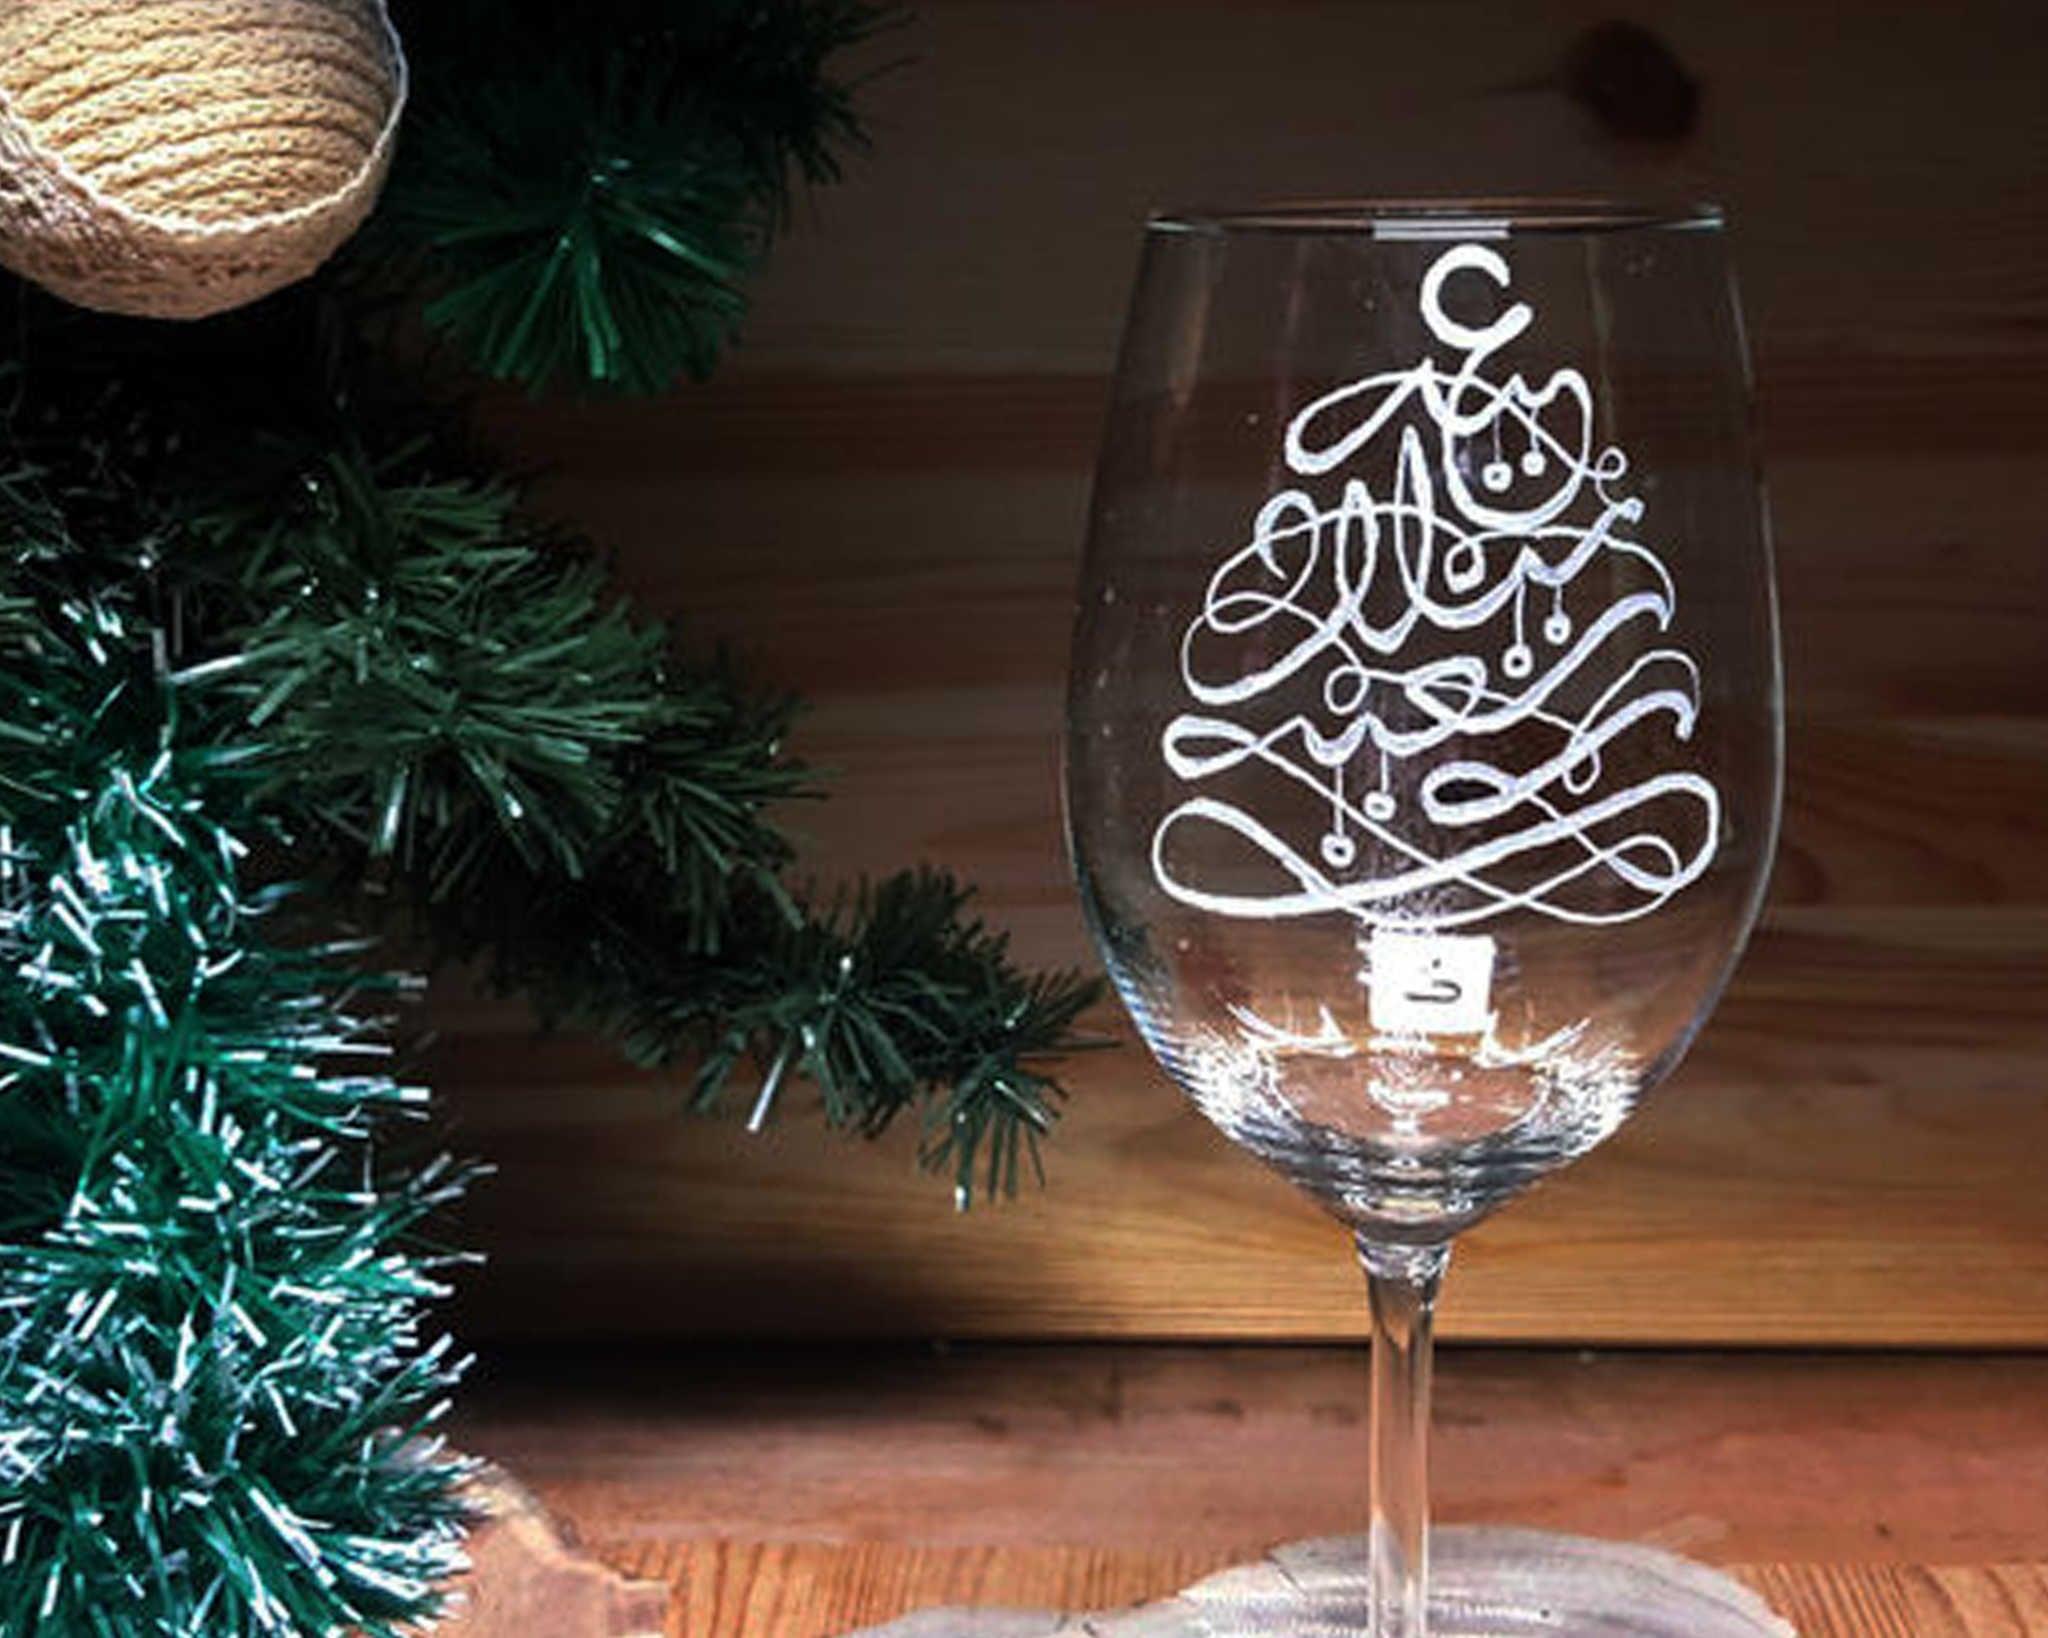 חג מולד שמח בשפה הערבית | عيد ميلاد مجيد